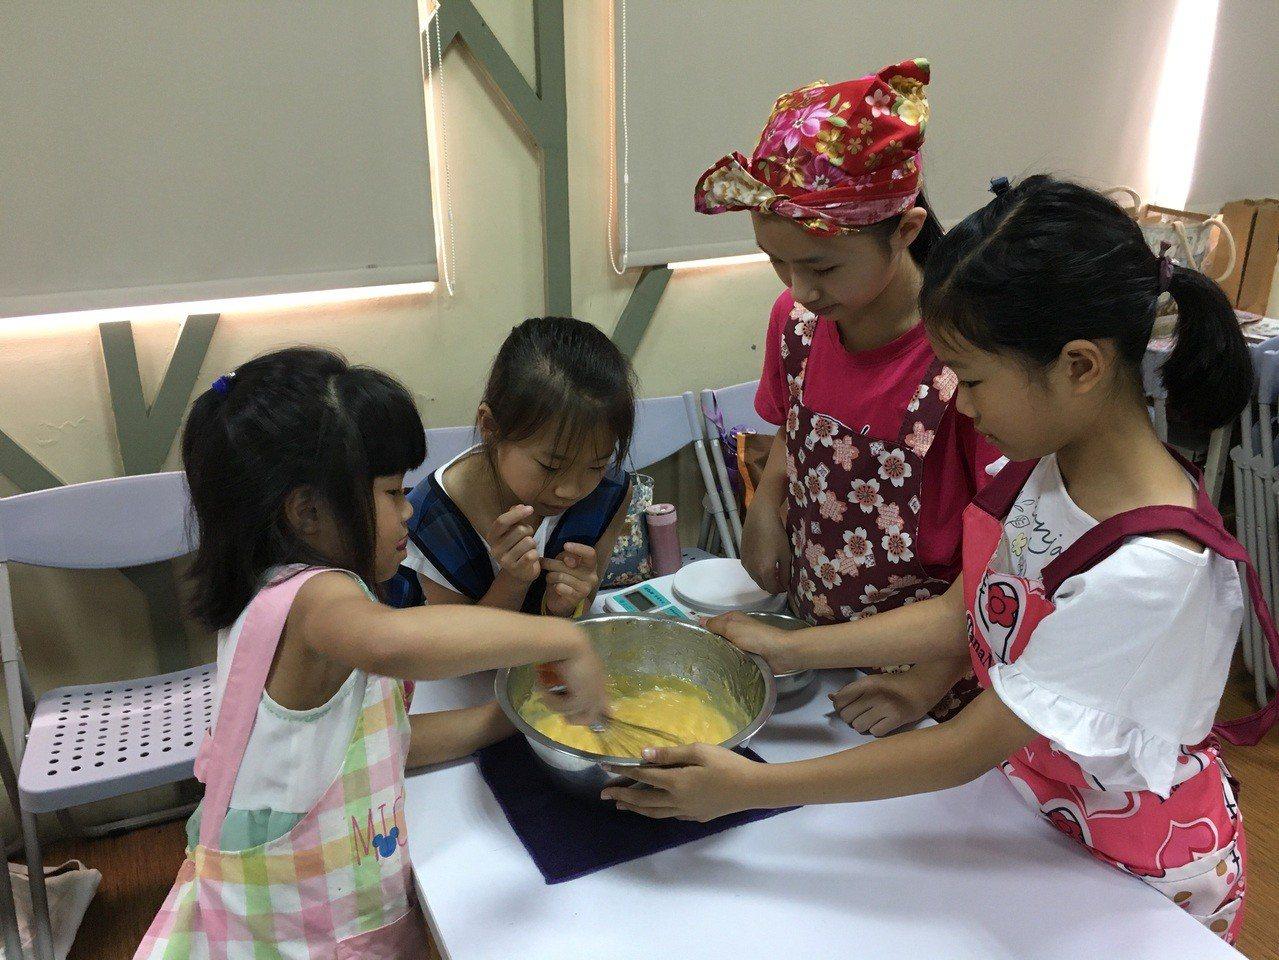 現場每一位小朋友都按照老師教導的步驟做蛋糕,專心思考要畫出什麼樣的圖案送給爸爸。...